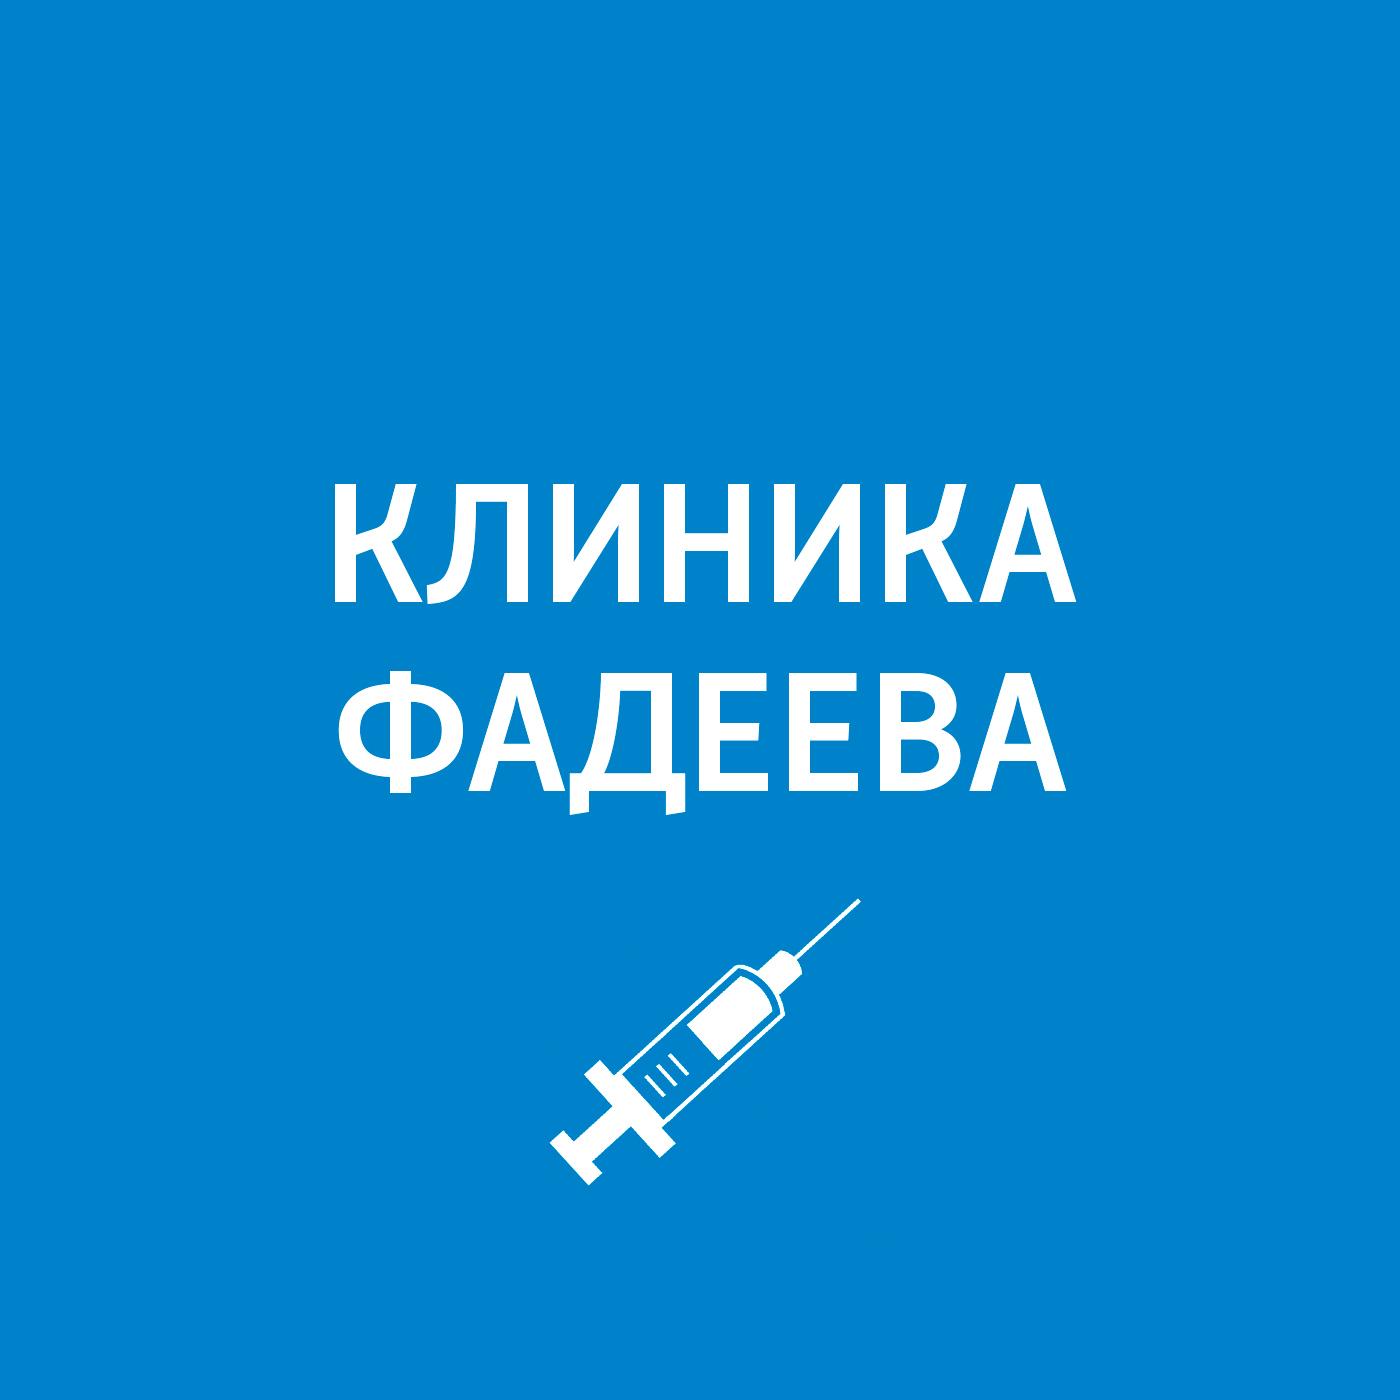 Пётр Фадеев Прием ведет врач-эндокринолог. Углеводный обмен ольга думенко пётр iii